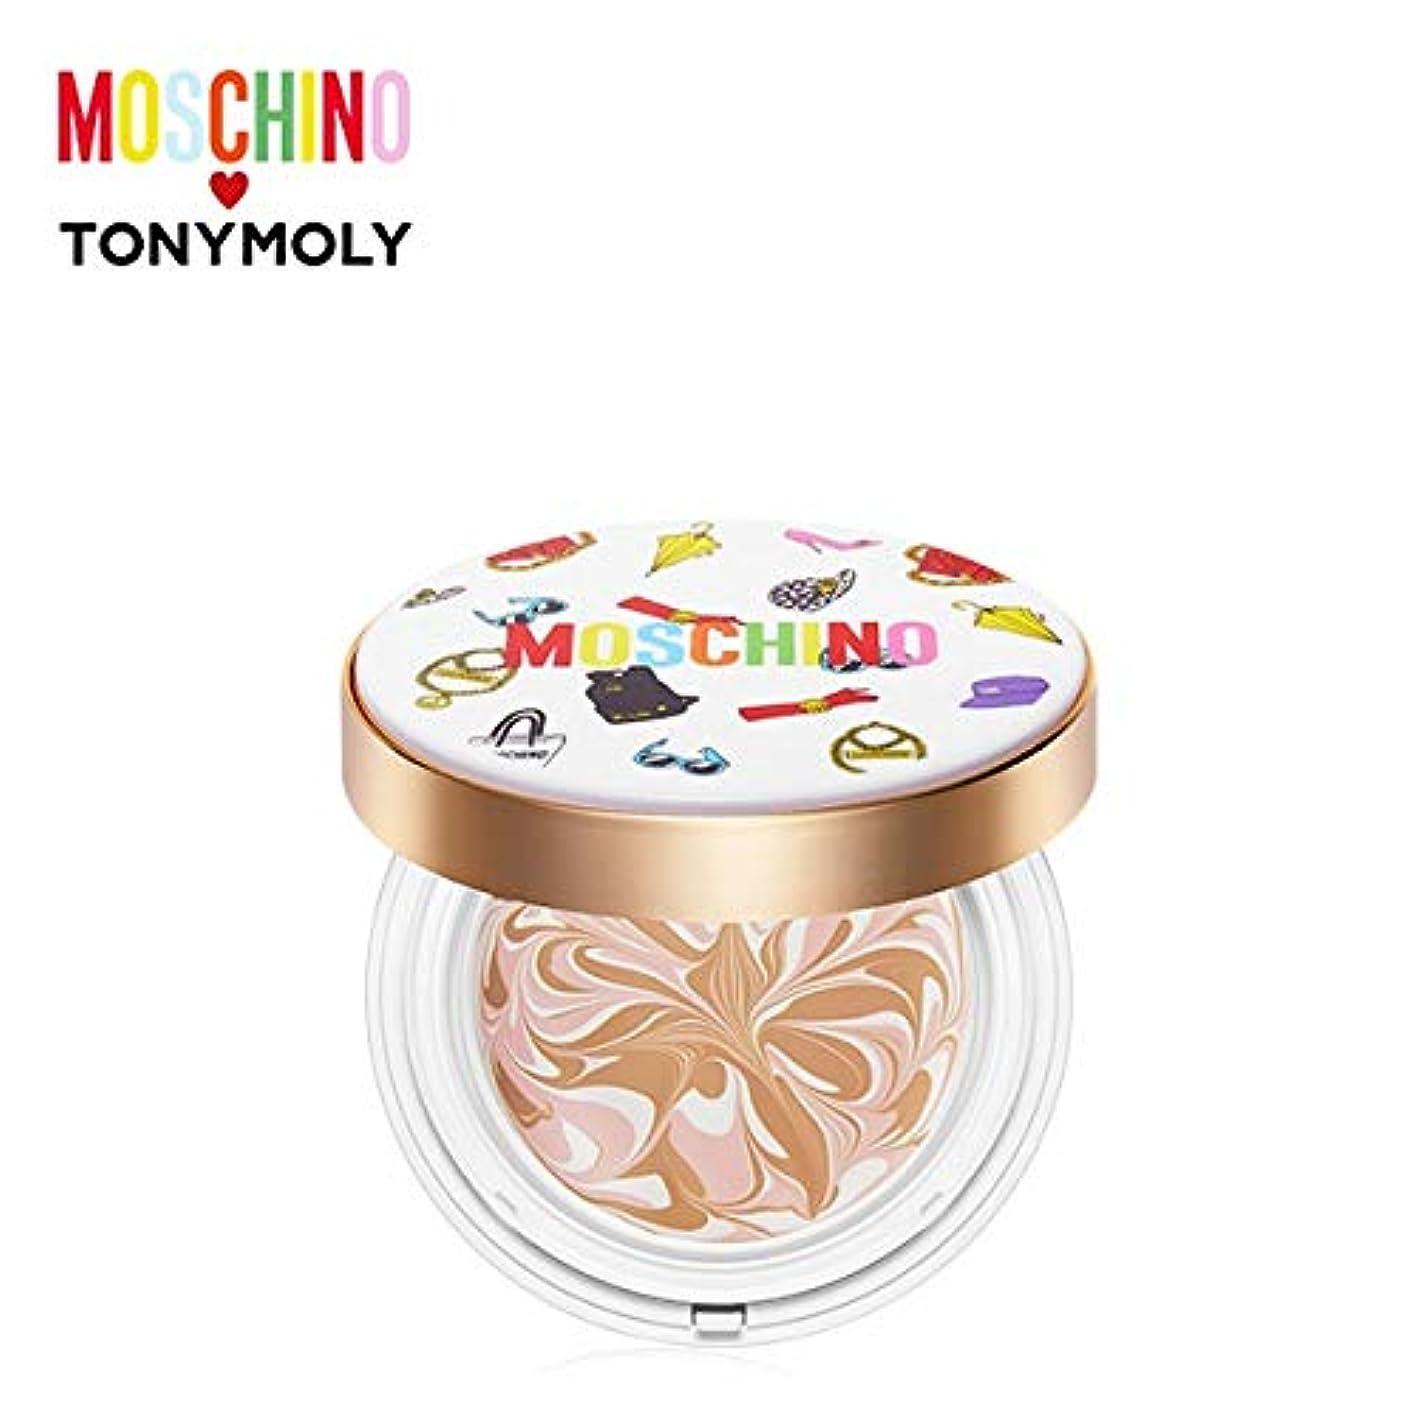 精緻化申し立てる親愛なトニーモリー [モスキーノ] シック スキン エッセンス パクト 18g TONYMOLY [MOSCHINO] Chic Skin Essence Pact #02 CHIC BEIGE [並行輸入品]